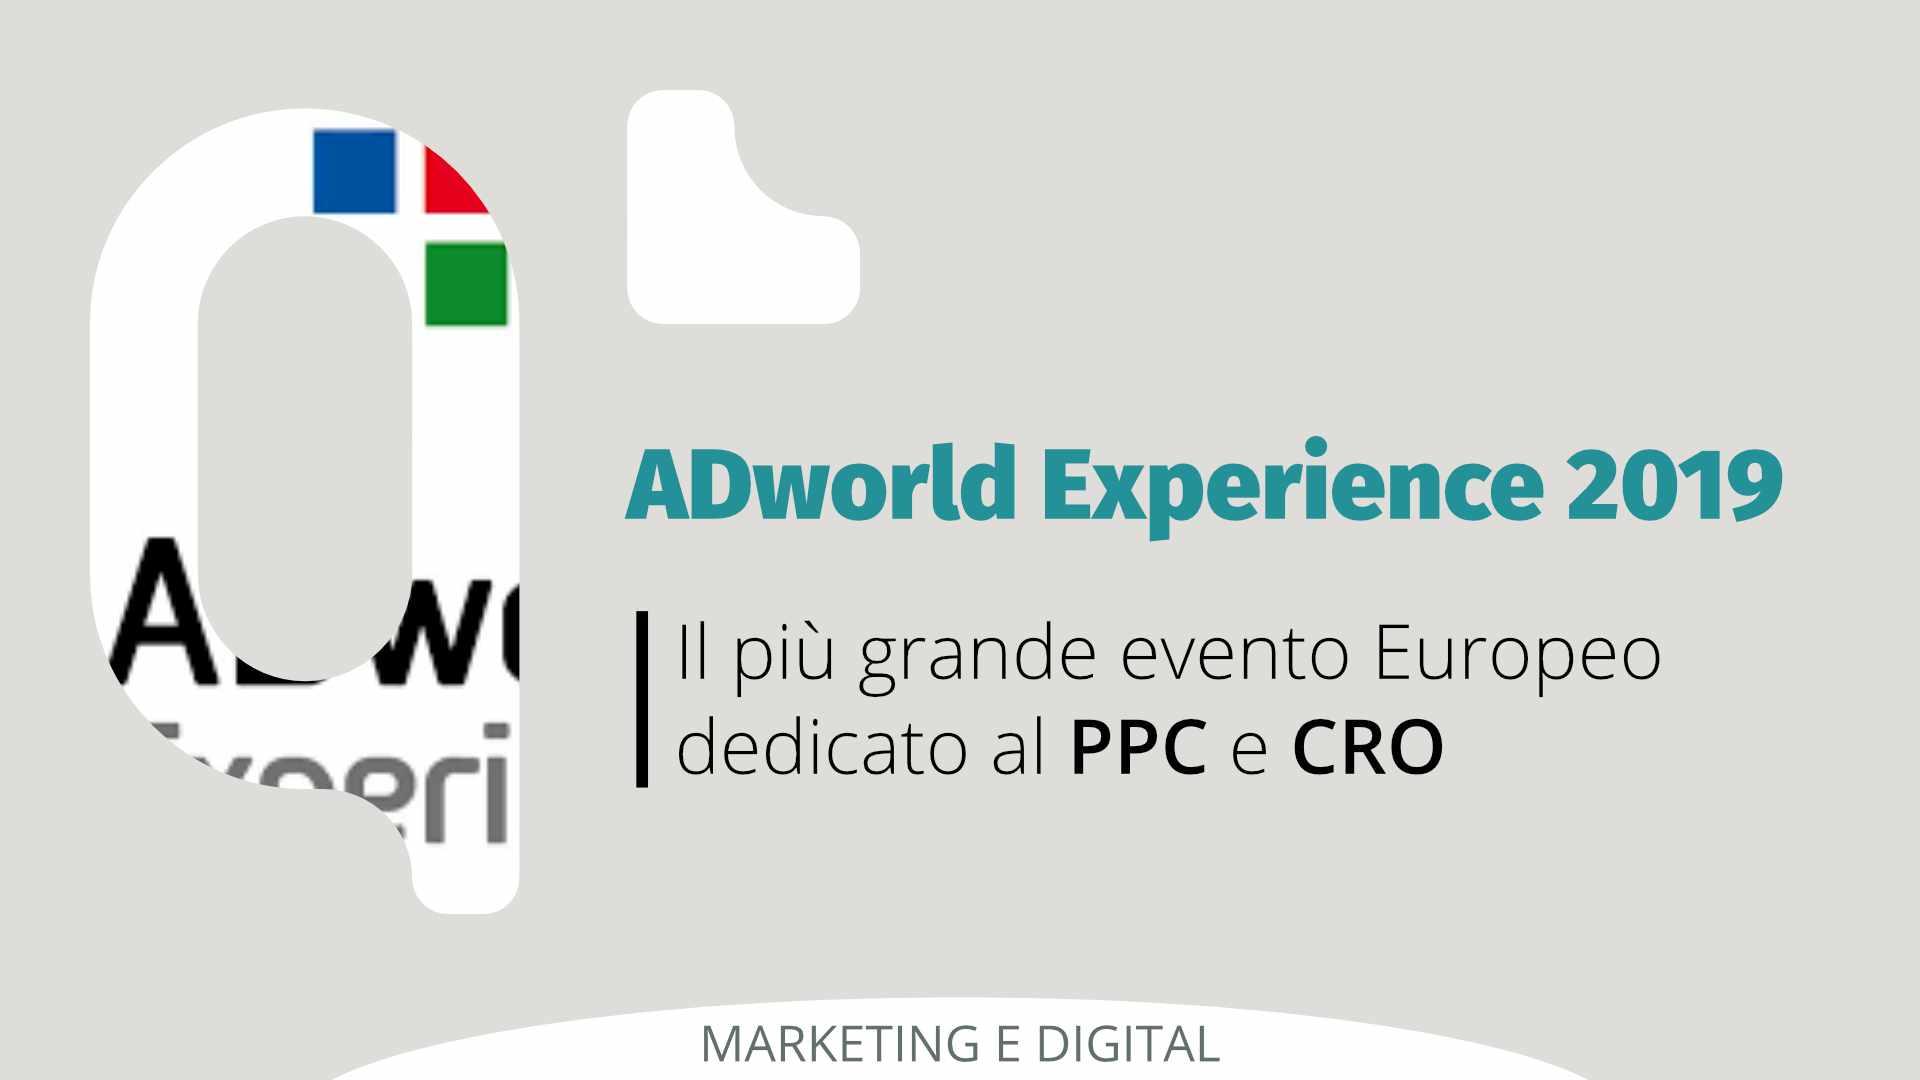 ADworld Experience 2019: il massimo Evento Europeo di PPC e CRO a Bologna il 4-5 Aprile